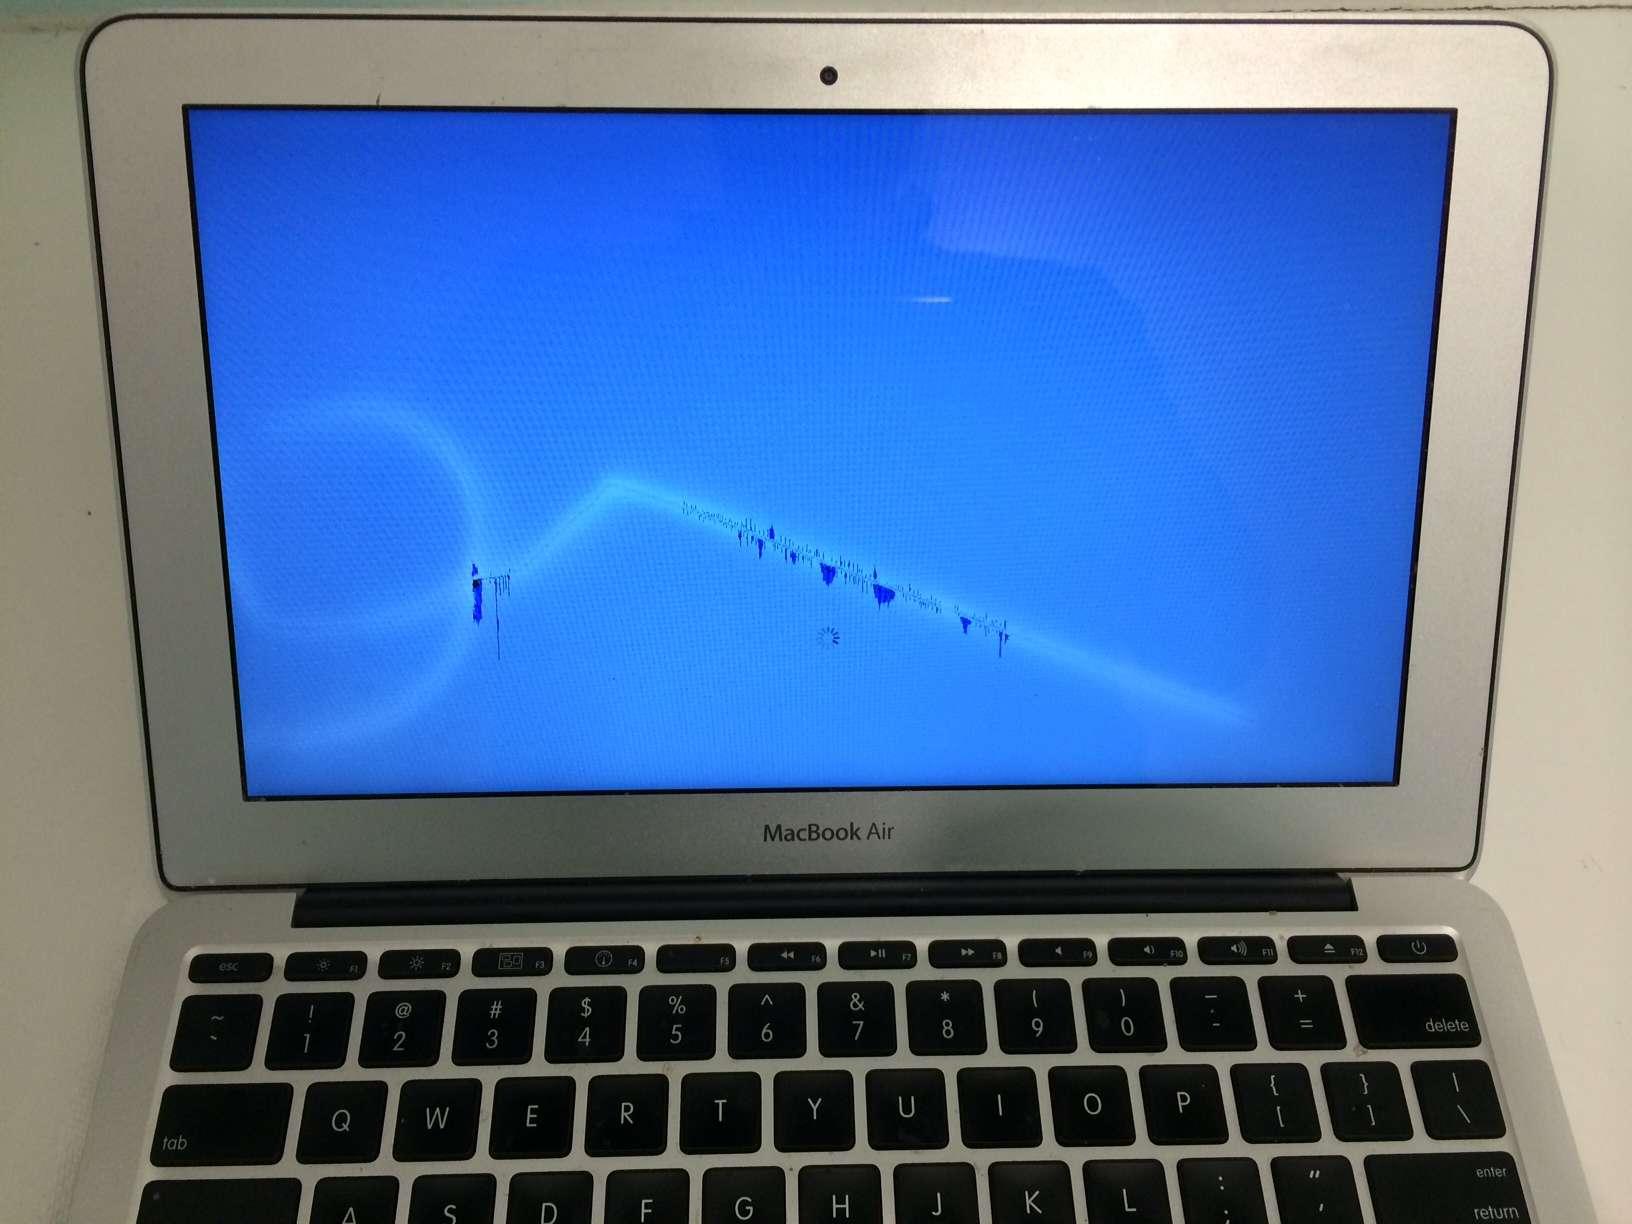 macbook air cracked screen repair services   mac screen repair